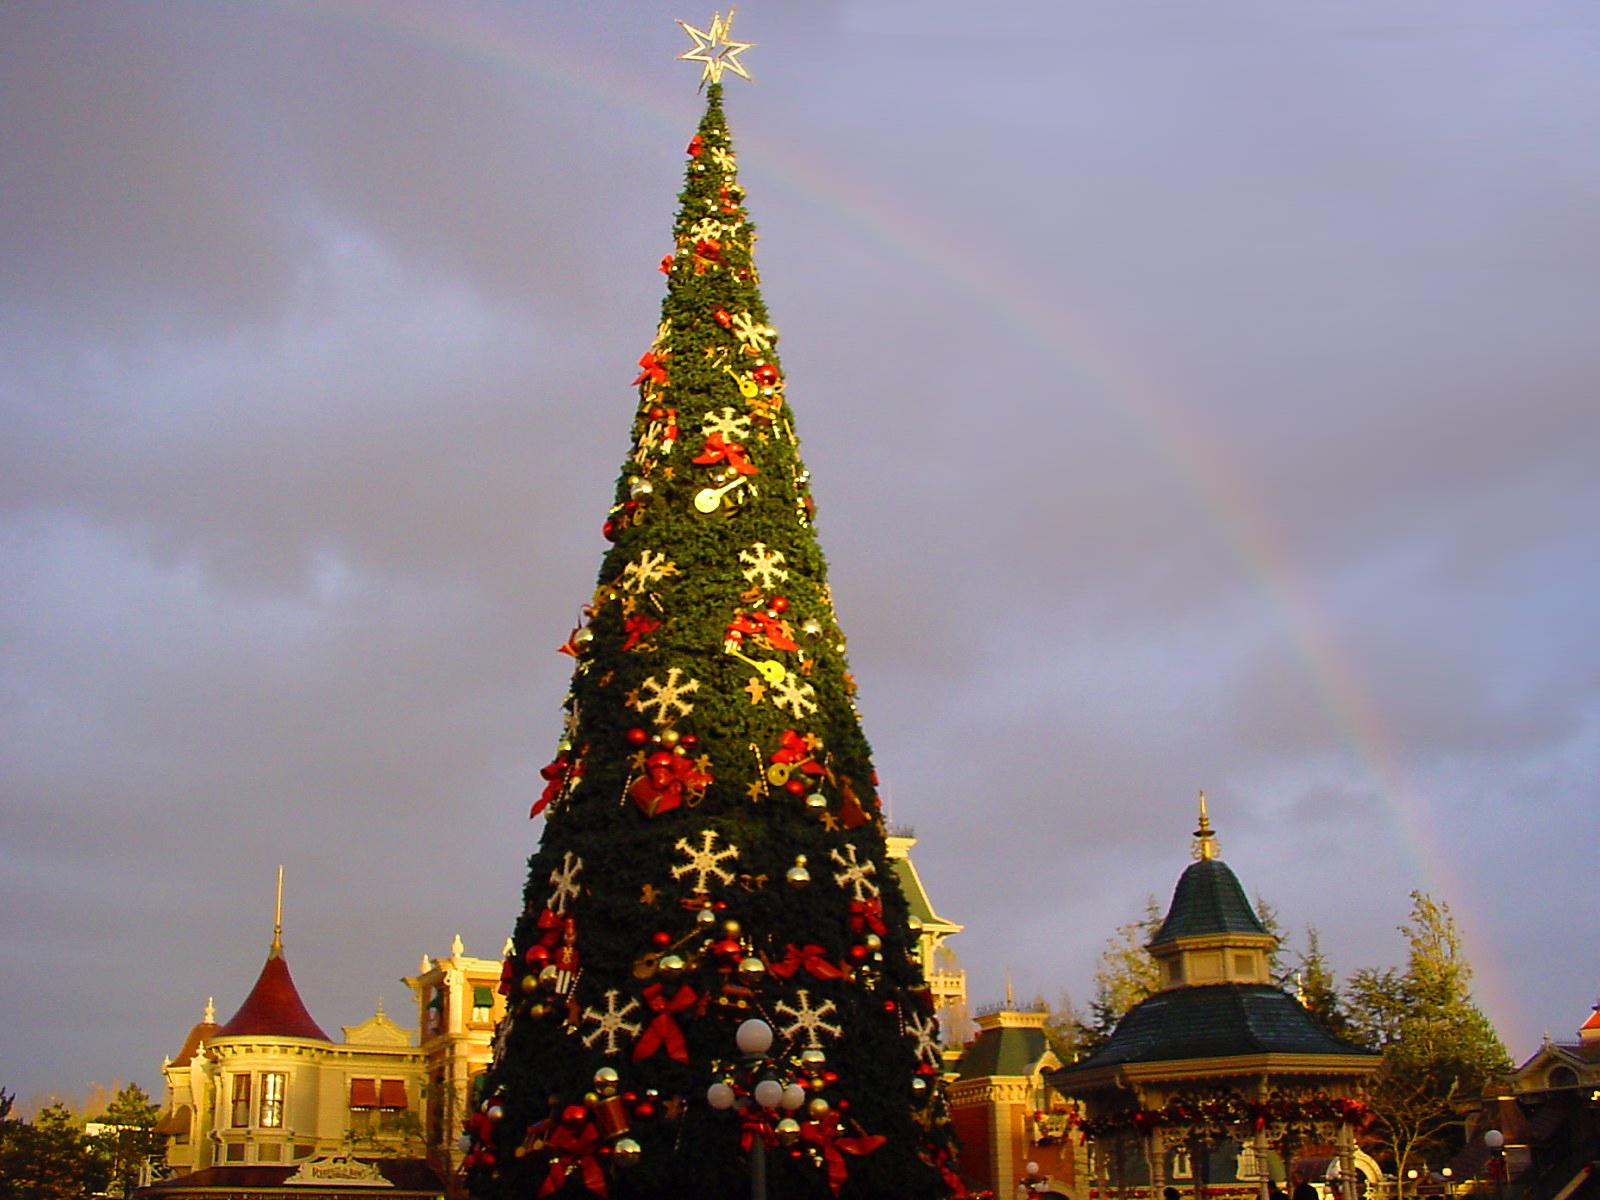 La imagen Disneyland rbol wallpapers and stock photos 1600x1200